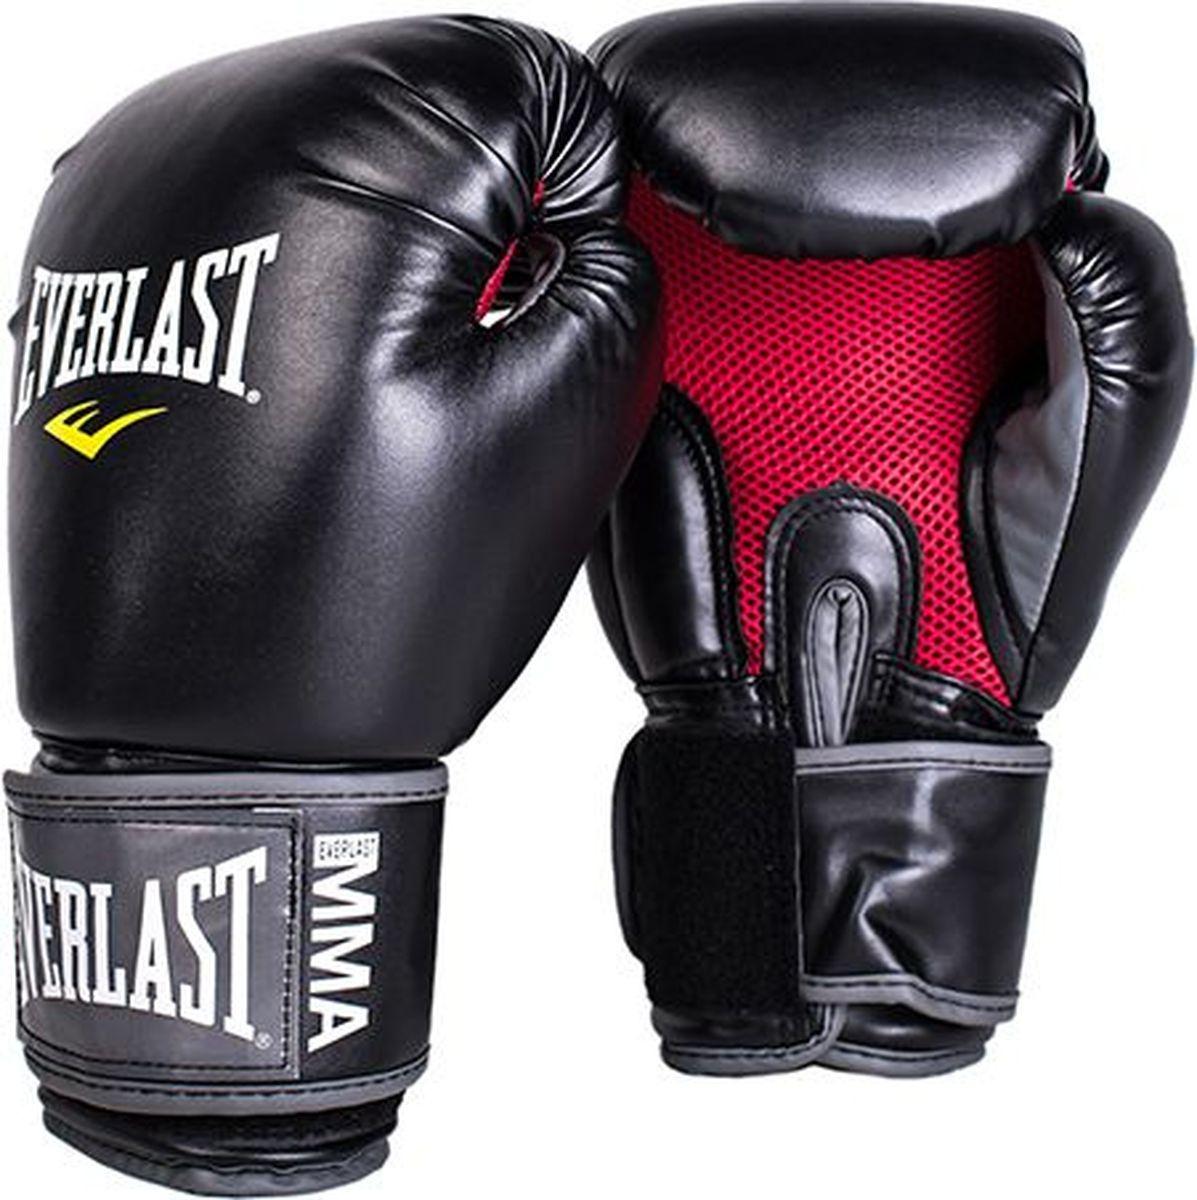 Боксерские перчатки Everlast Pro Style Muay Thai, 7012, черный, вес 12 унций  #1